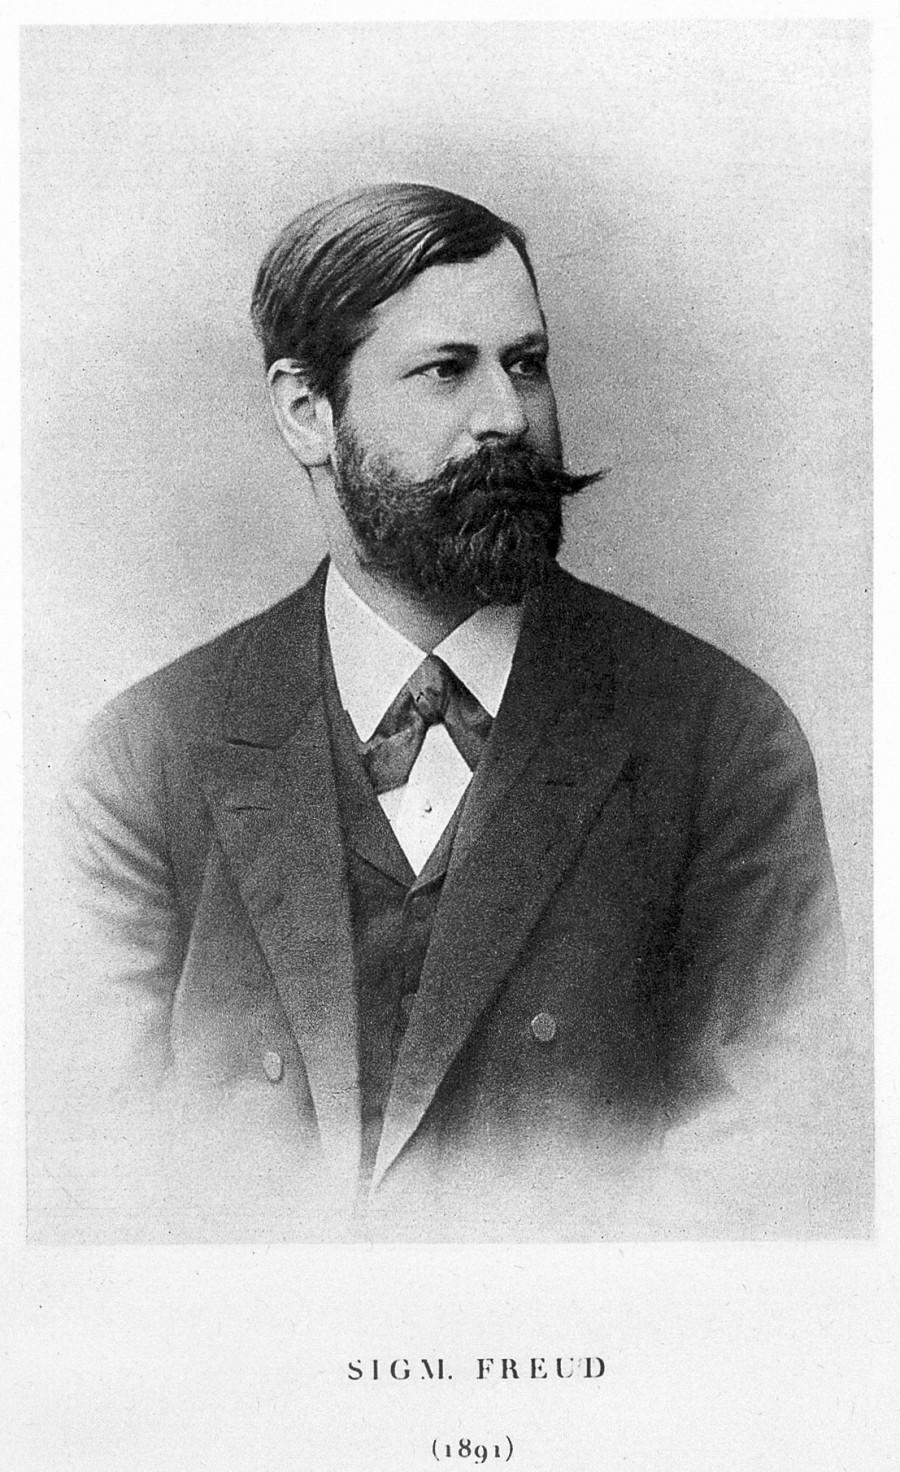 Sigmund Freud 在1891拍摄的照片,当时35岁